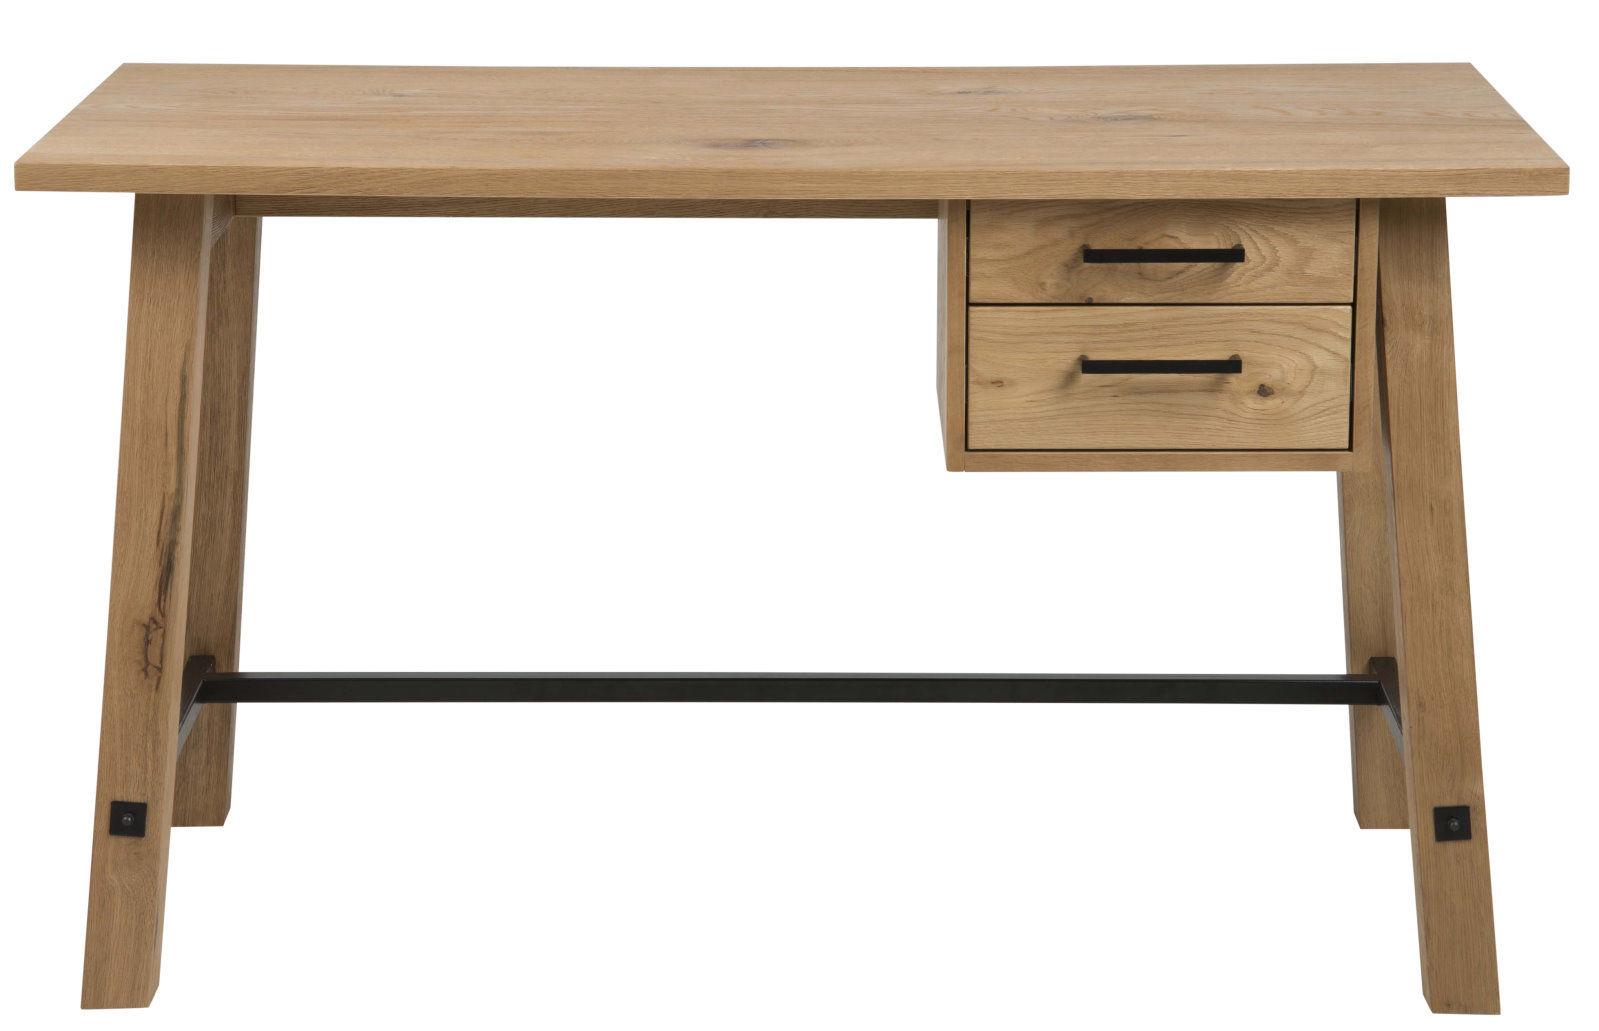 schreibtisch arbeitsplatz massiv schreibtisch tisch. Black Bedroom Furniture Sets. Home Design Ideas